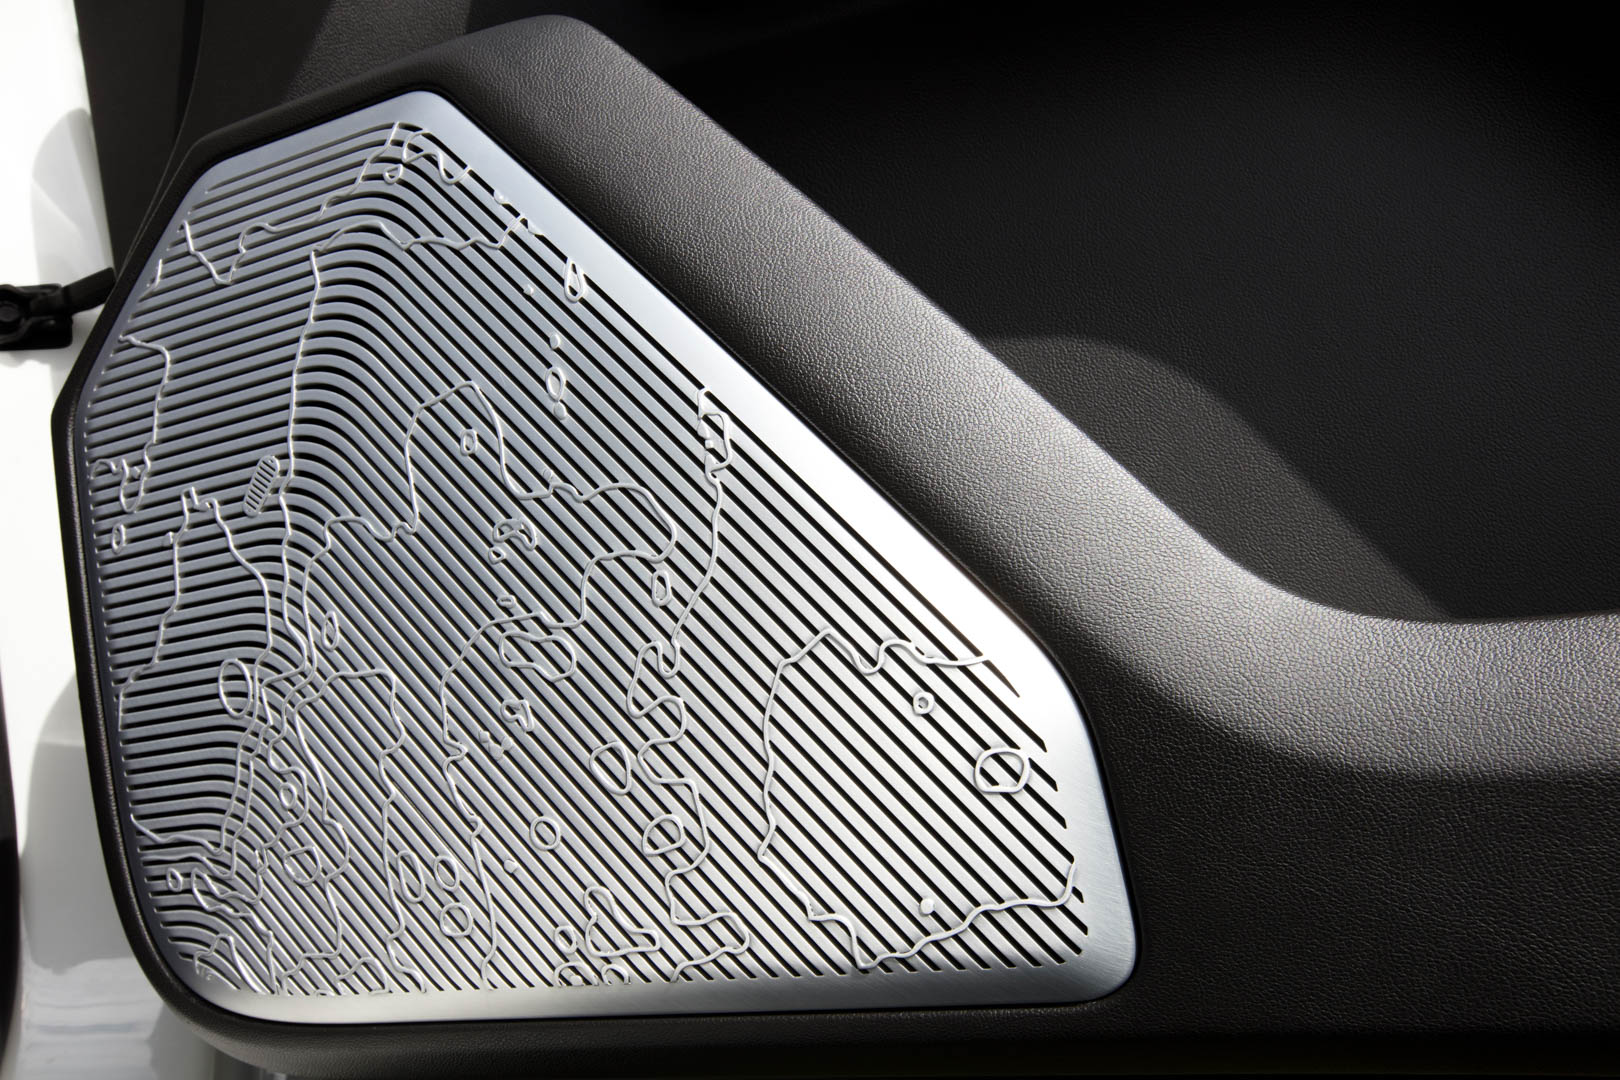 Speaker grill of the Hummer EV 2022